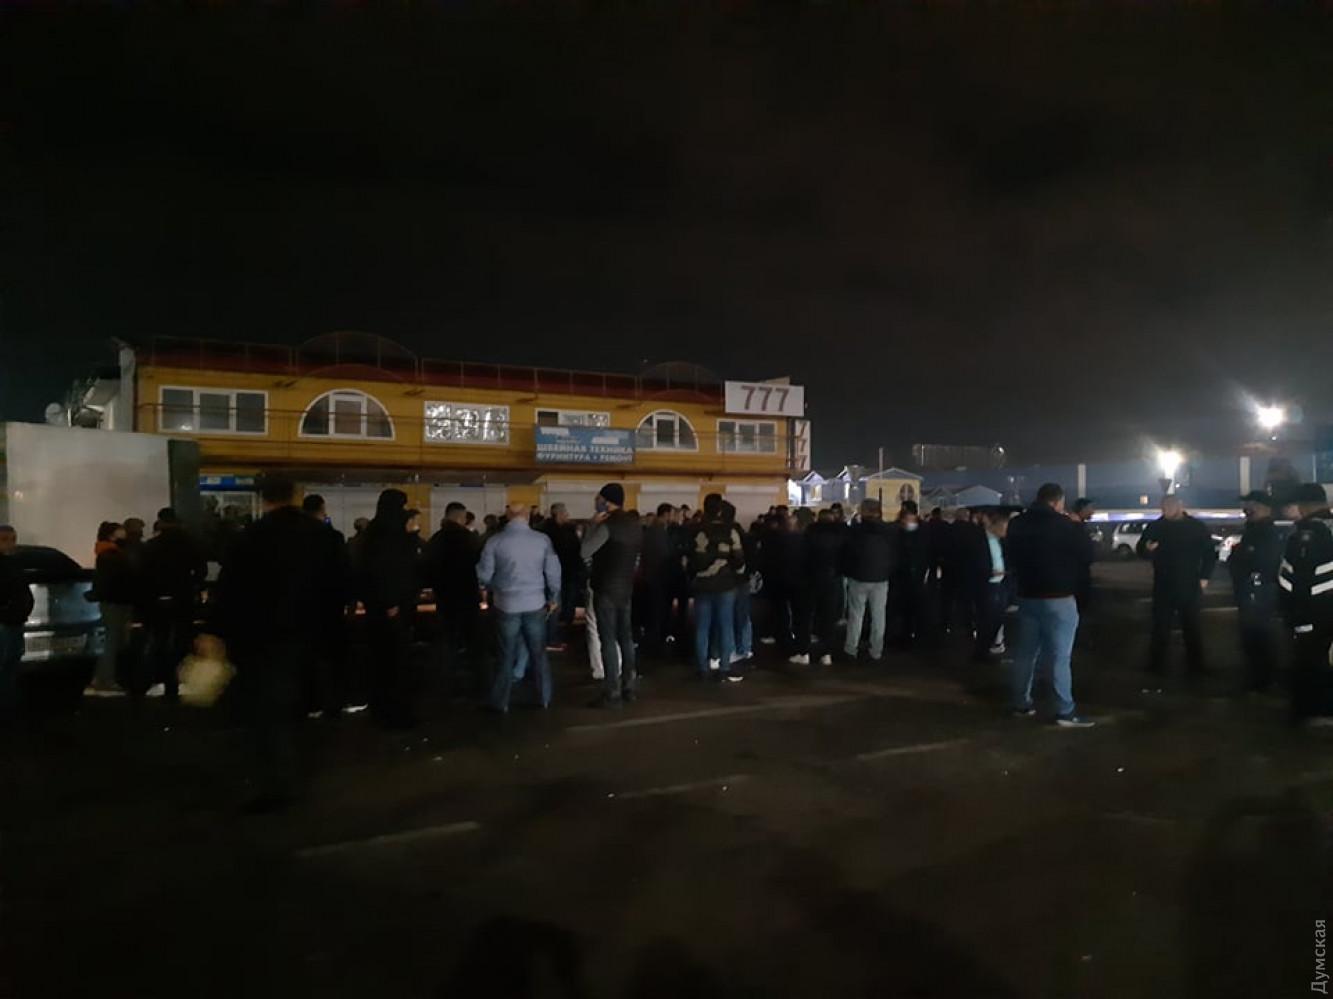 Зіткнення на Сьомому кілометрі: продавці заблокували СБУ